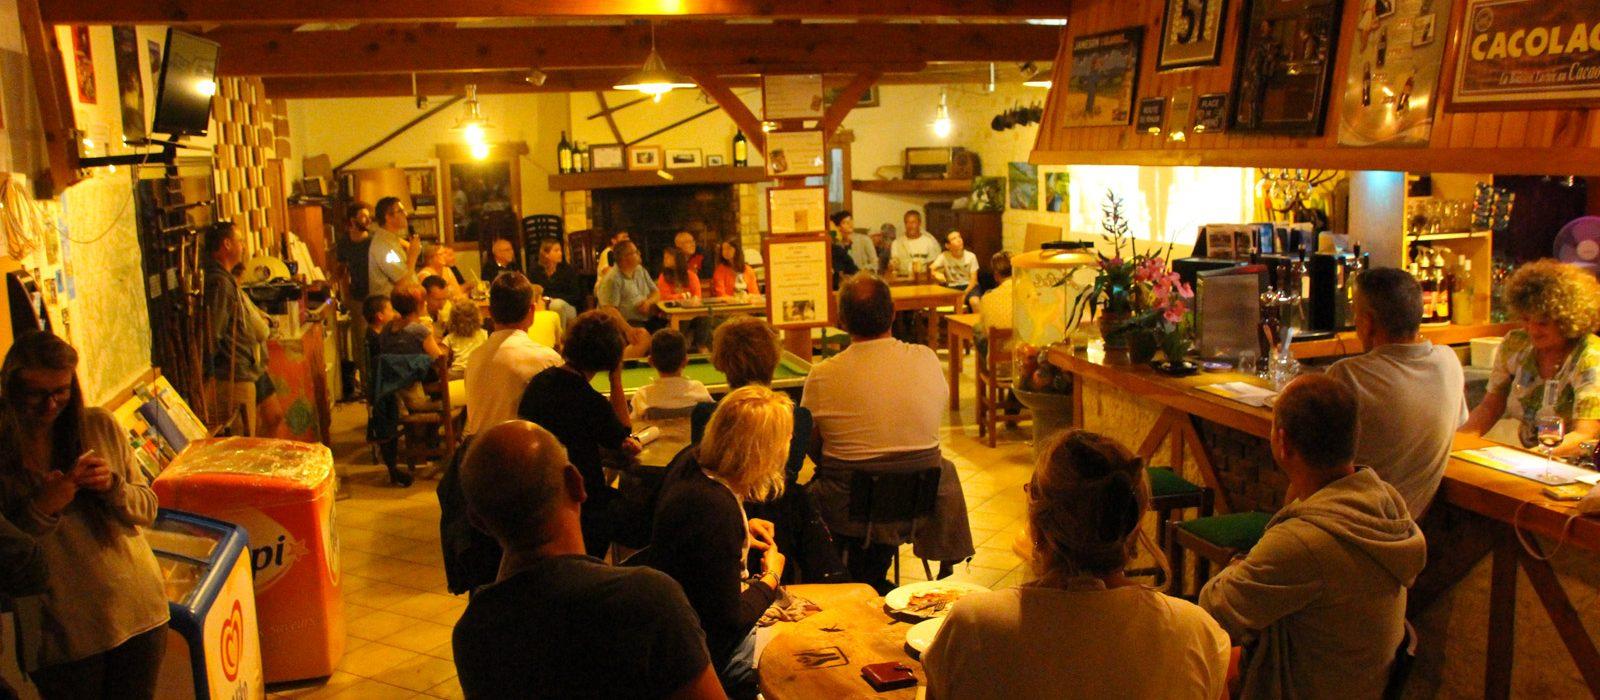 convivialité au restaurant du camping Au P'tit Bonheur Dordogne